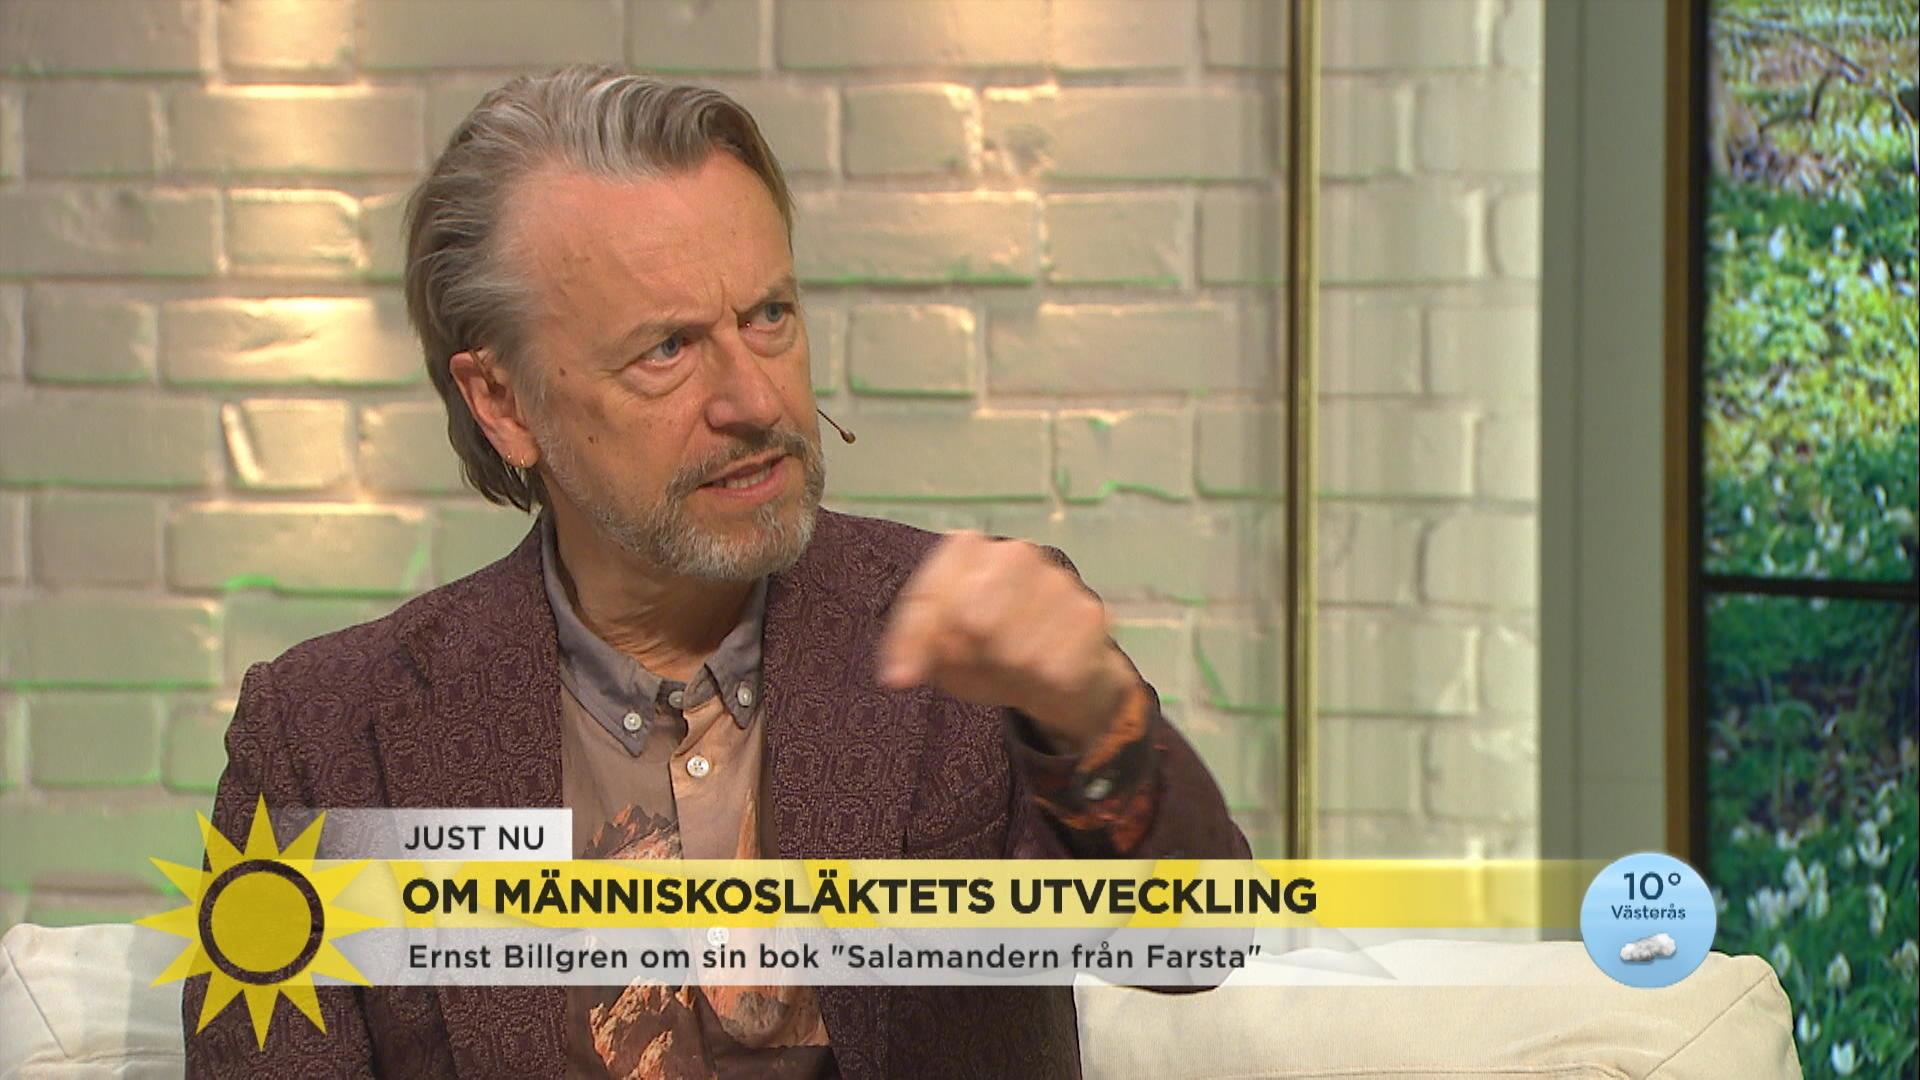 """Ernst Billgren om sin nya bok: """"Du är den enda som läst den, Jenny"""""""